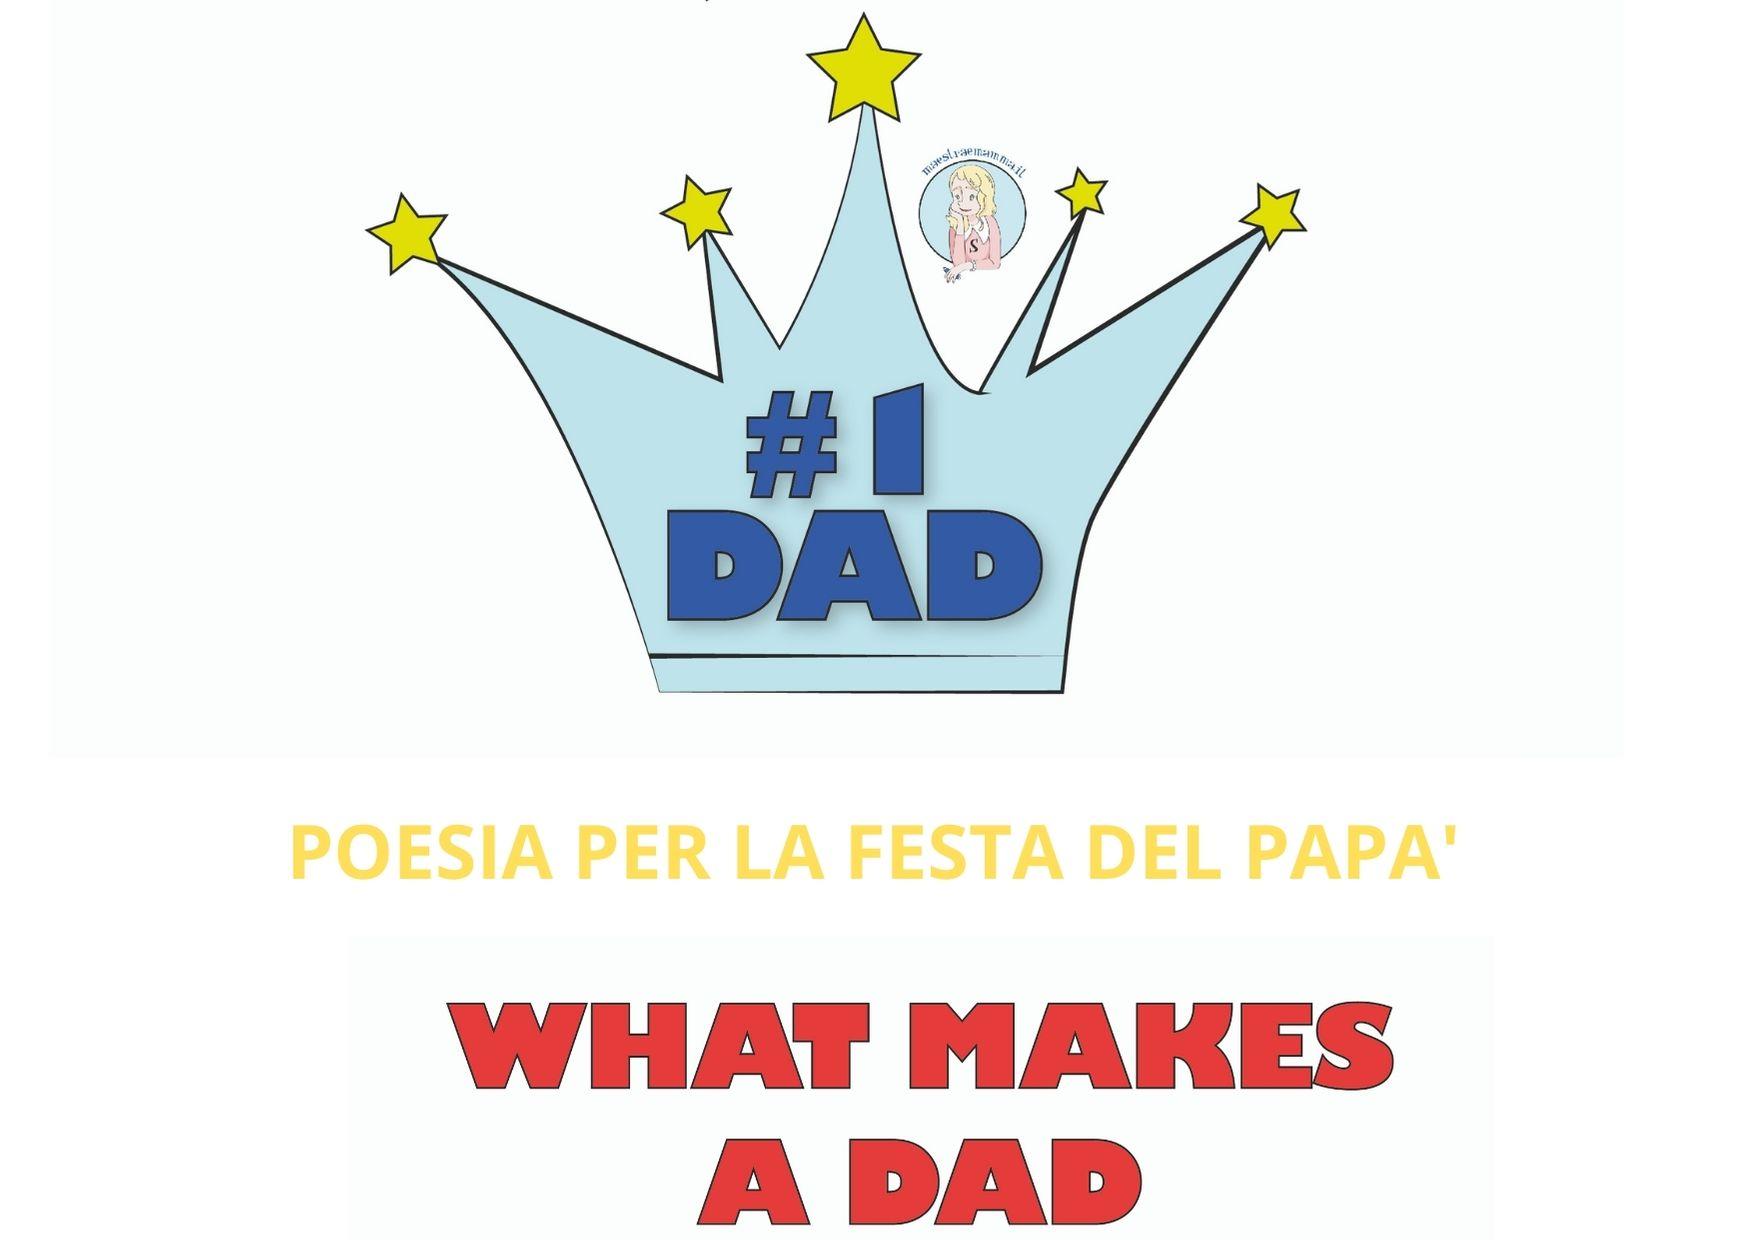 Poesia per la festa del papà in inglese